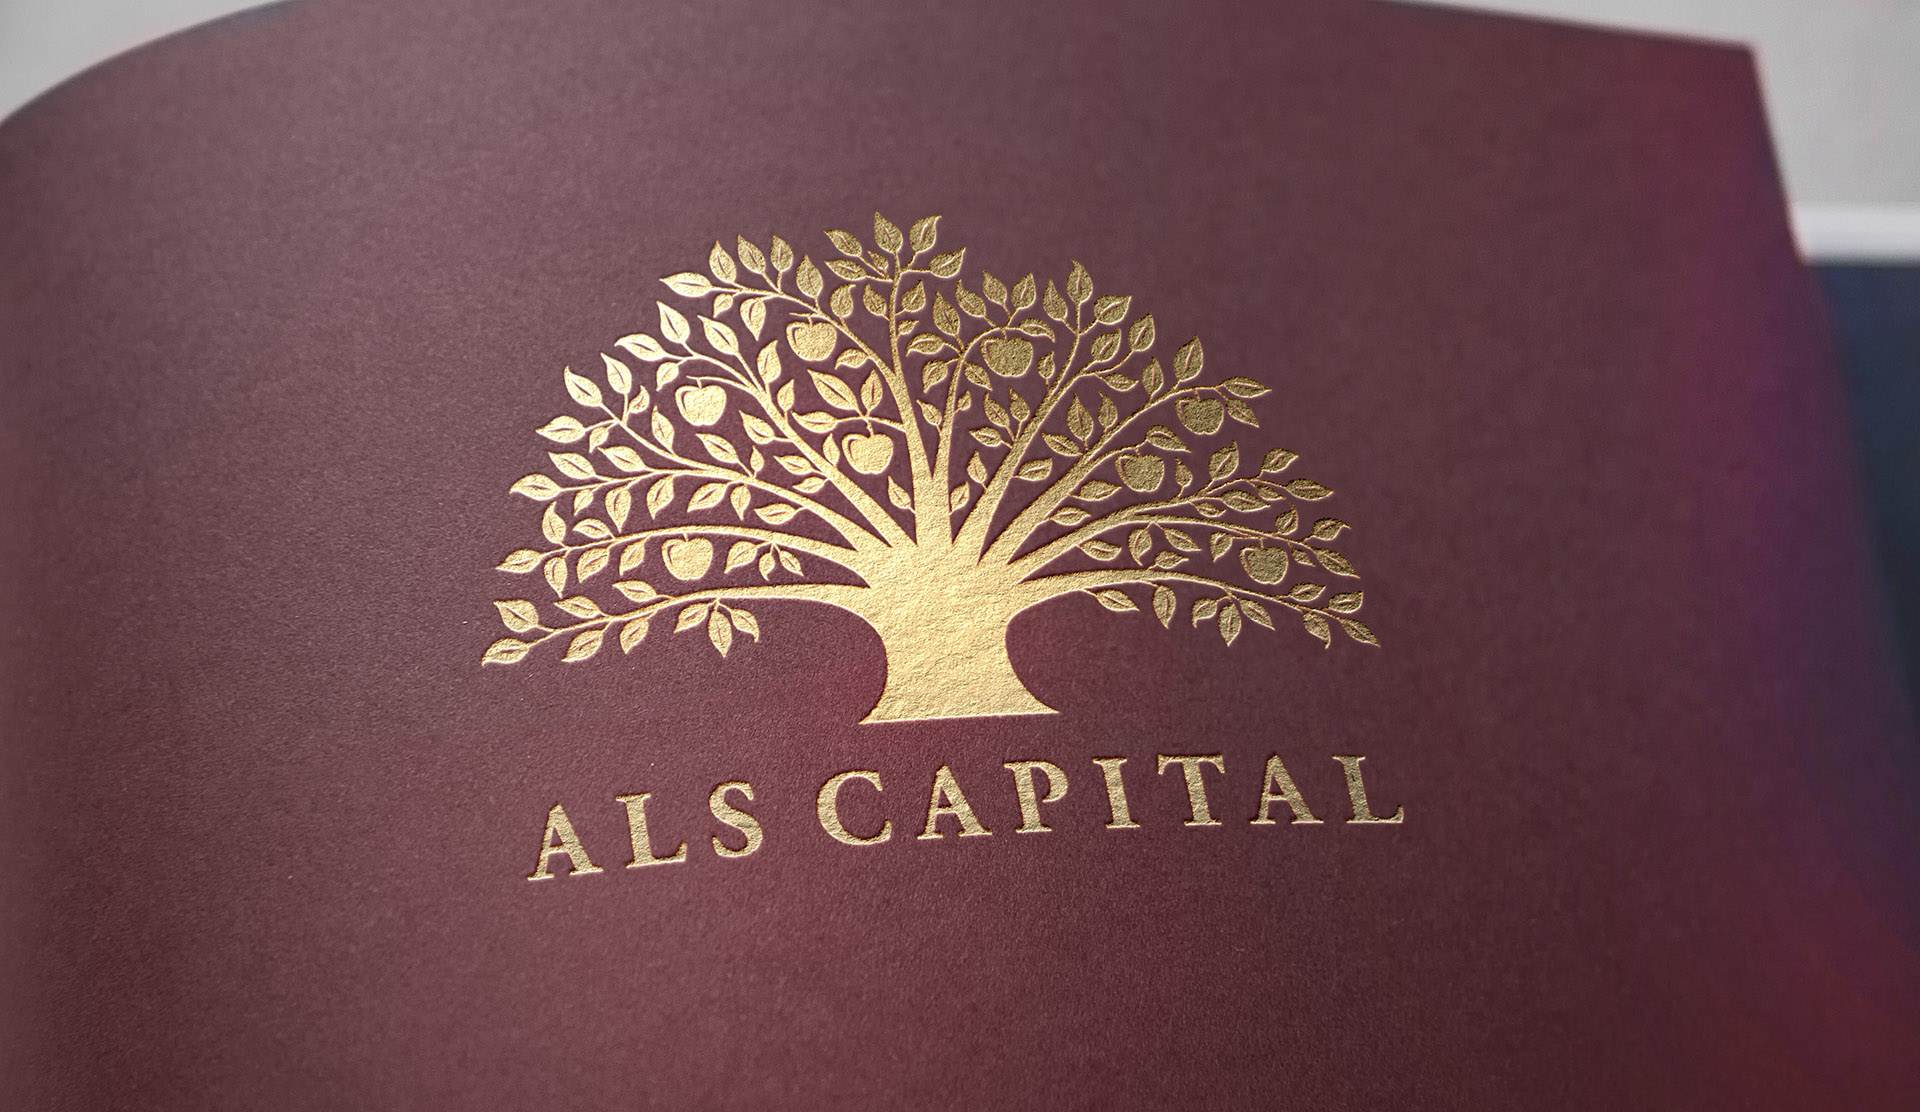 logo of a financial company